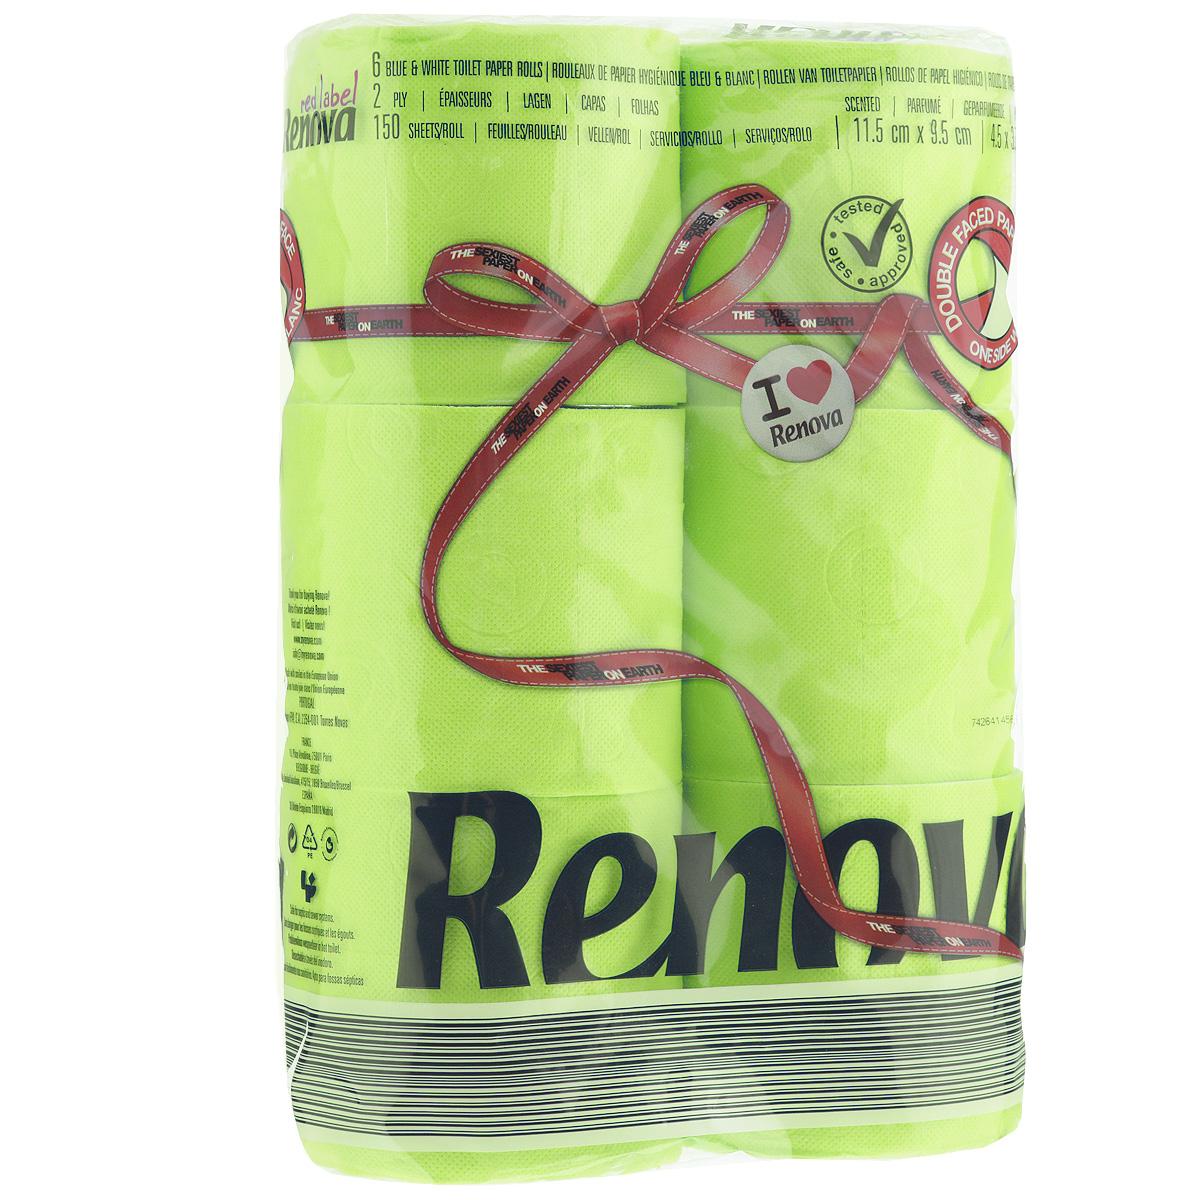 Туалетная бумага Renova, двухслойная, ароматизированная, цвет: зеленый, 6 рулонов787502Туалетная бумага Renova изготовлена по новейшей технологии из 100% ароматизированной целлюлозы, благодаря чему она имеет тонкий аромат, очень мягкая, нежная, но в тоже время прочная. Эксклюзивная двухсторонняя туалетная бумага Renova  экстрамодного цвета, придаст вашему туалету оригинальность.Состав: 100% ароматизированная целлюлоза. Количество листов: 150 шт.Количество слоев: 2.Размер листа: 11,5 см х 9,5 см.Количество рулонов: 6 шт.Португальская компания Renova является ведущим разработчиком новейших технологий производства, нового стиля и направления на рынке гигиенической продукции. Современный дизайн и высочайшее качество, дерматологический контроль - это то, что выделяет компанию Renova среди других производителей бумажной санитарно-гигиенической продукции.